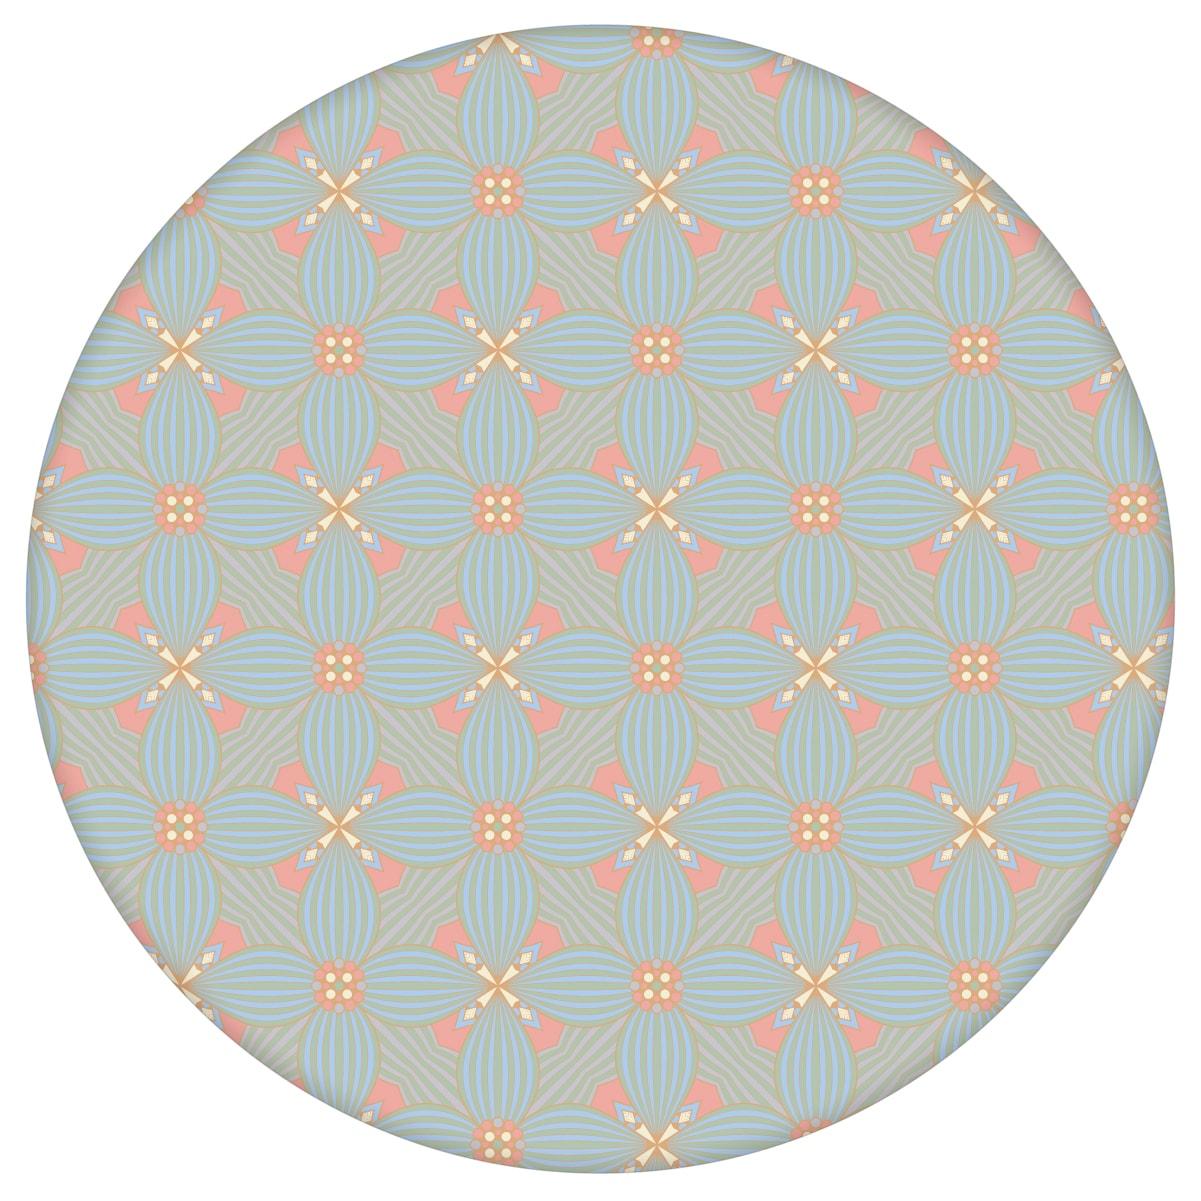 Hellblaue Ornamenttapete Art Deko Lilly Retro Muster, Design Tapete als Wandgestaltung aus den Tapeten Neuheiten Exklusive Tapete für schönes Wohnen als Naturaltouch Luxus Vliestapete oder Basic Vliestapete